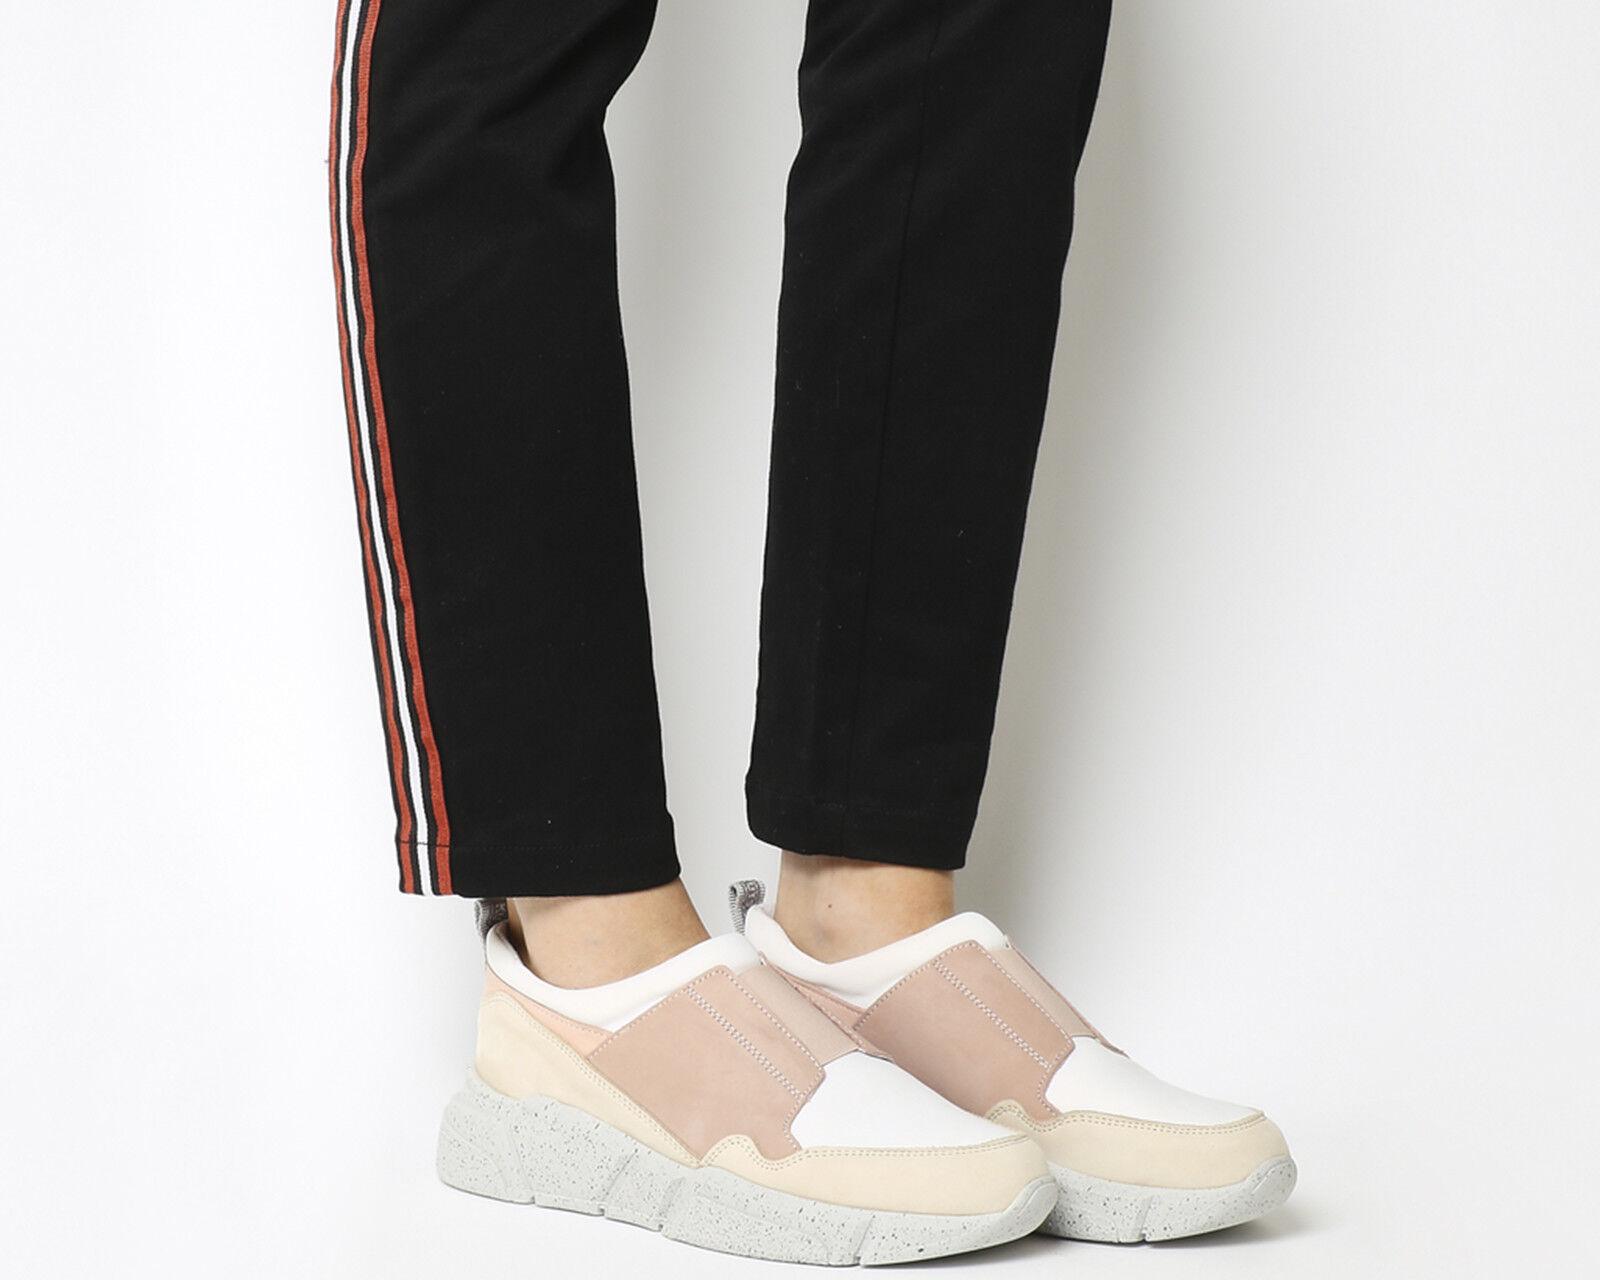 Zapatos de mujer baratos zapatos de mujer Descuento por tiempo limitado Womens Oki Kutsu Hideki Slip On Runners BLUSH GREY Flats